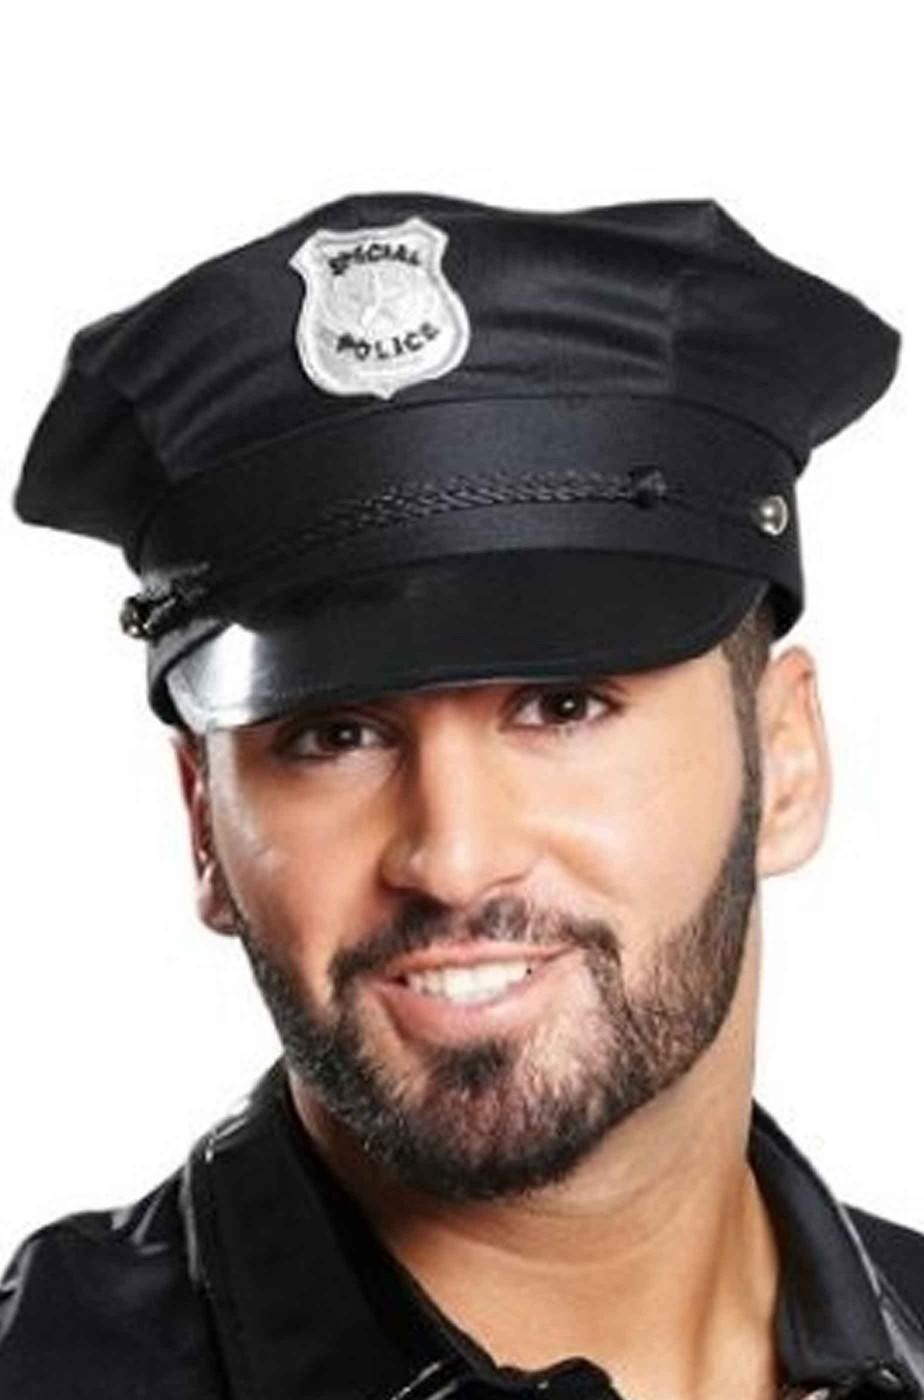 Cappello poliziotto nero taglia unica adulto